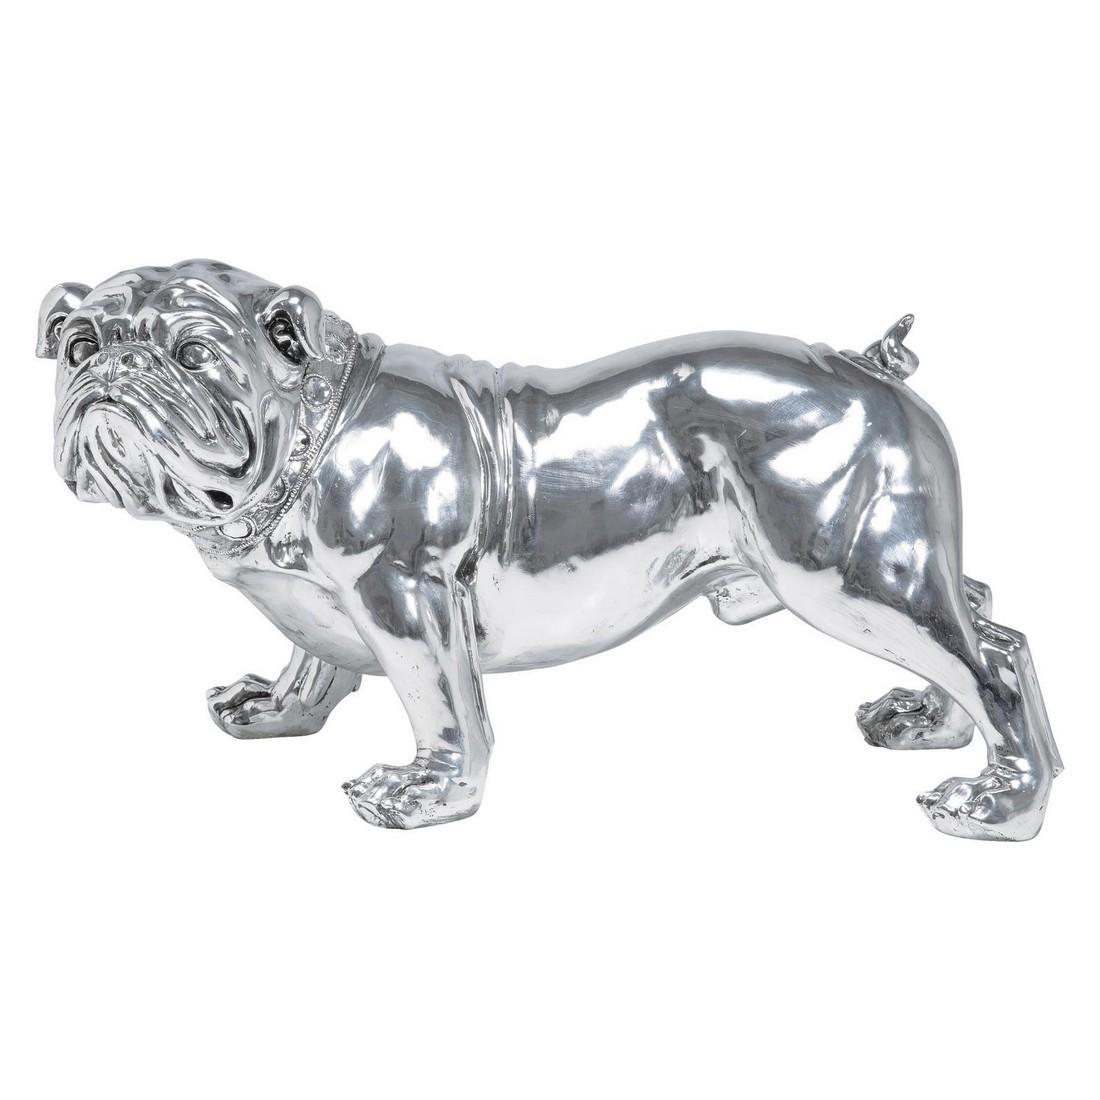 Deko Figur Bulldogge Silver 42cm – Polyresin Grau, Kare Design günstig